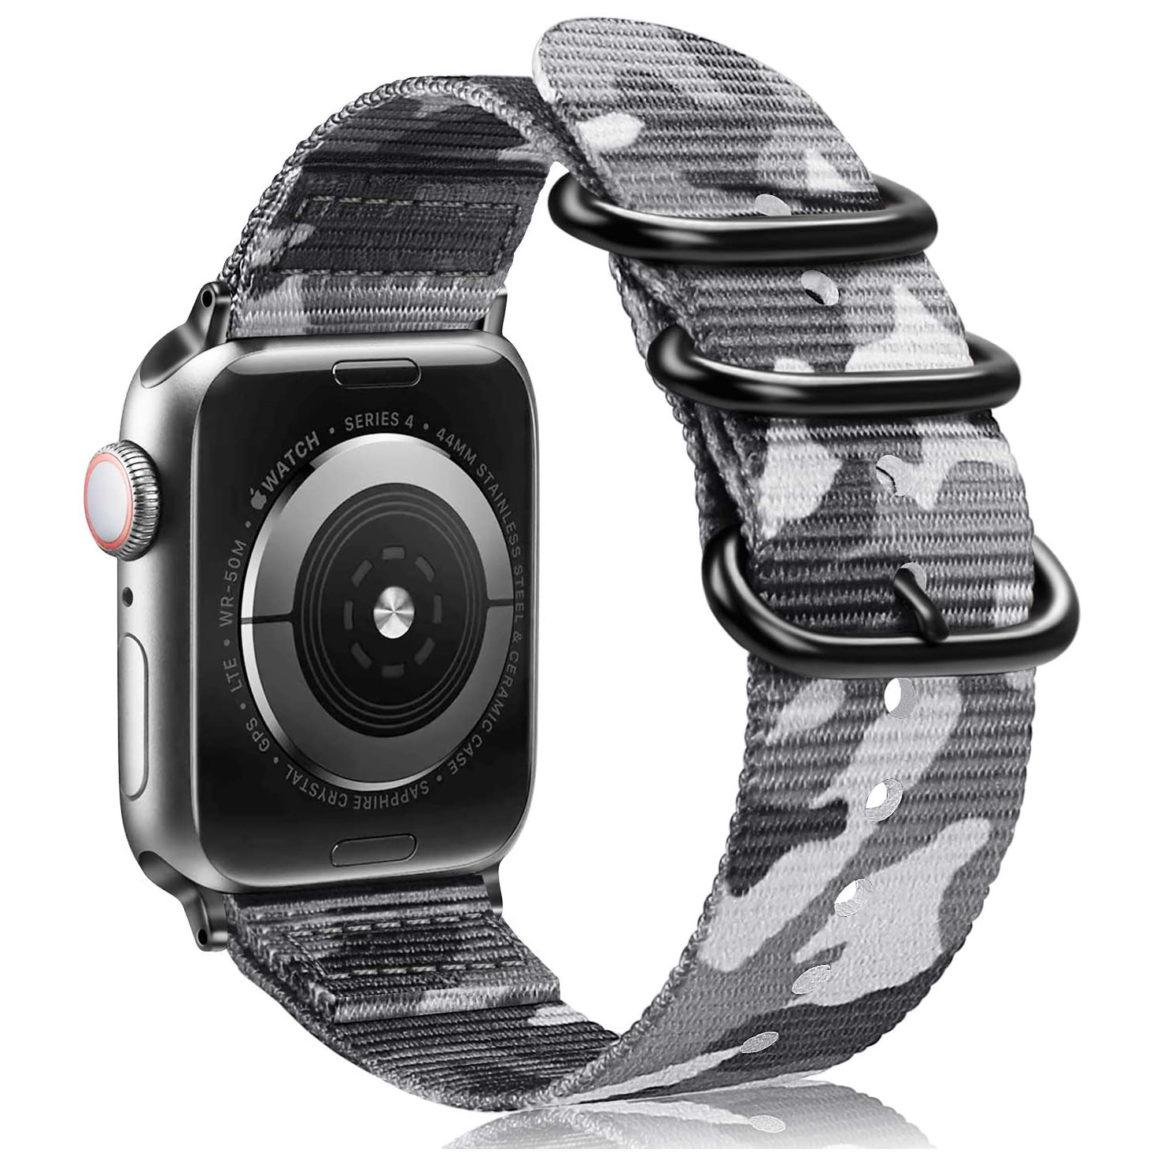 Camouflage Armband für die Apple Watch